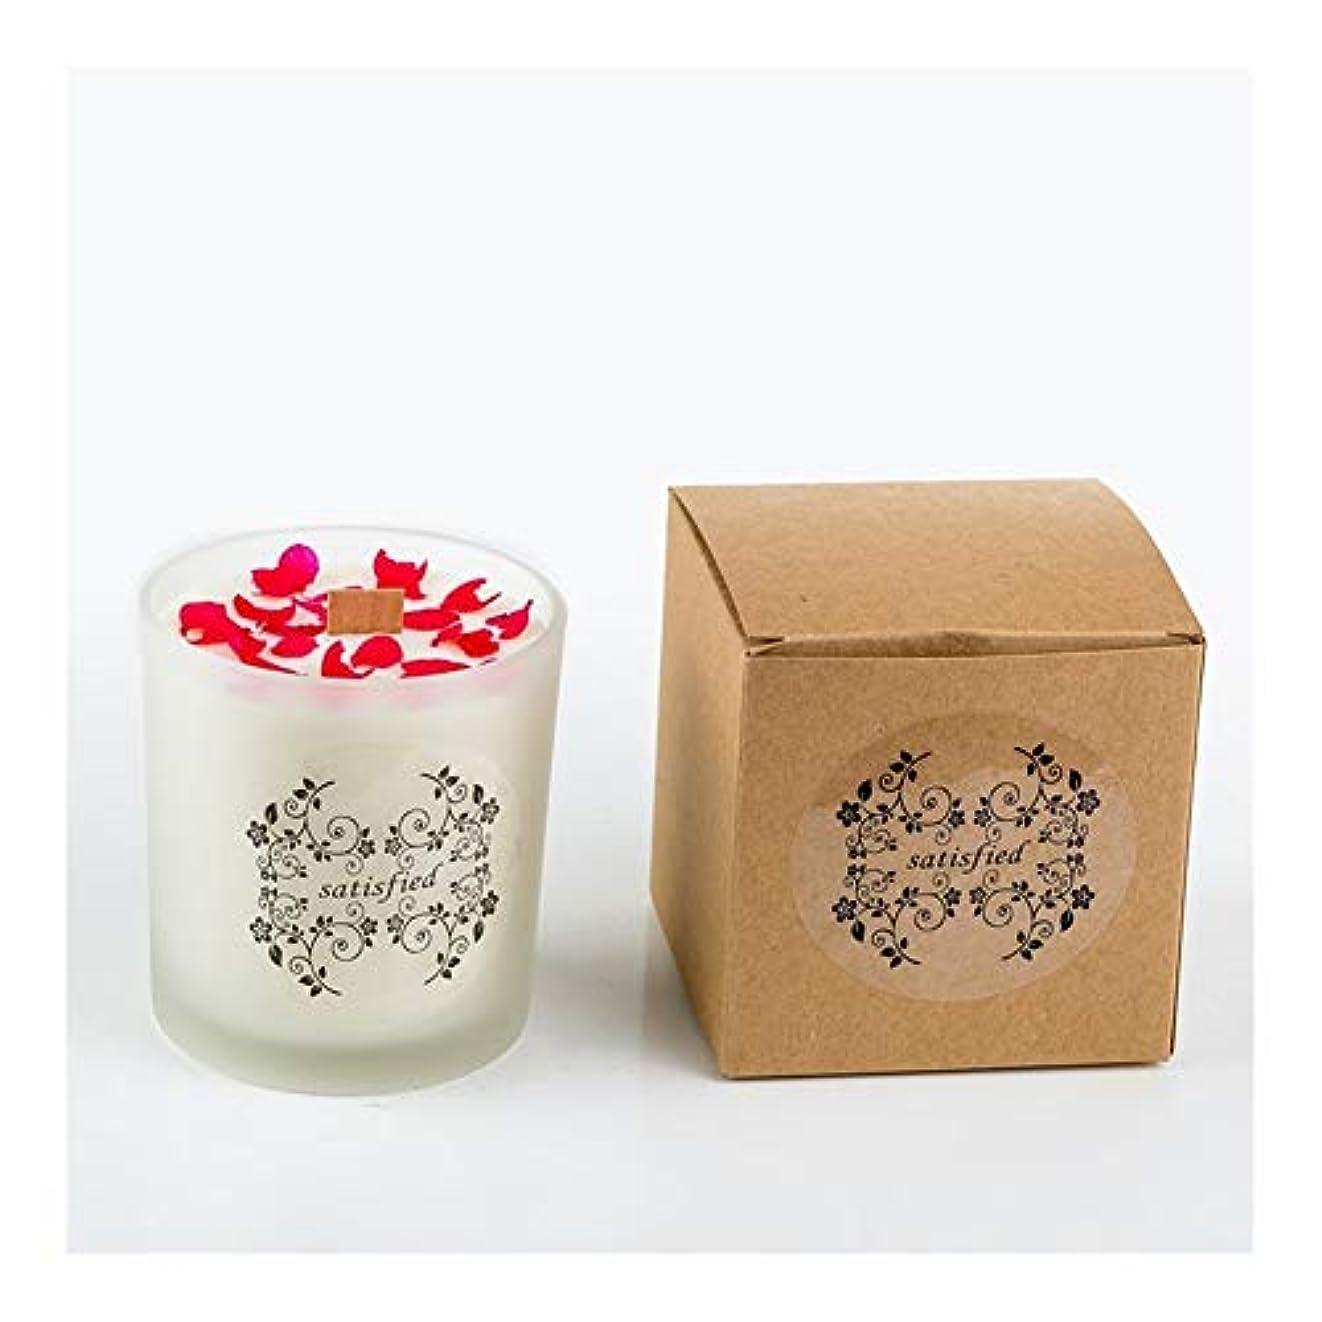 こねる贅沢な居間Guomao ロマンチックな香りのキャンドルエッセンシャルオイル大豆ワックスガラスアロマセラピーロマンチックな誕生日ギフトの提案無煙の香り (色 : Blackberries)